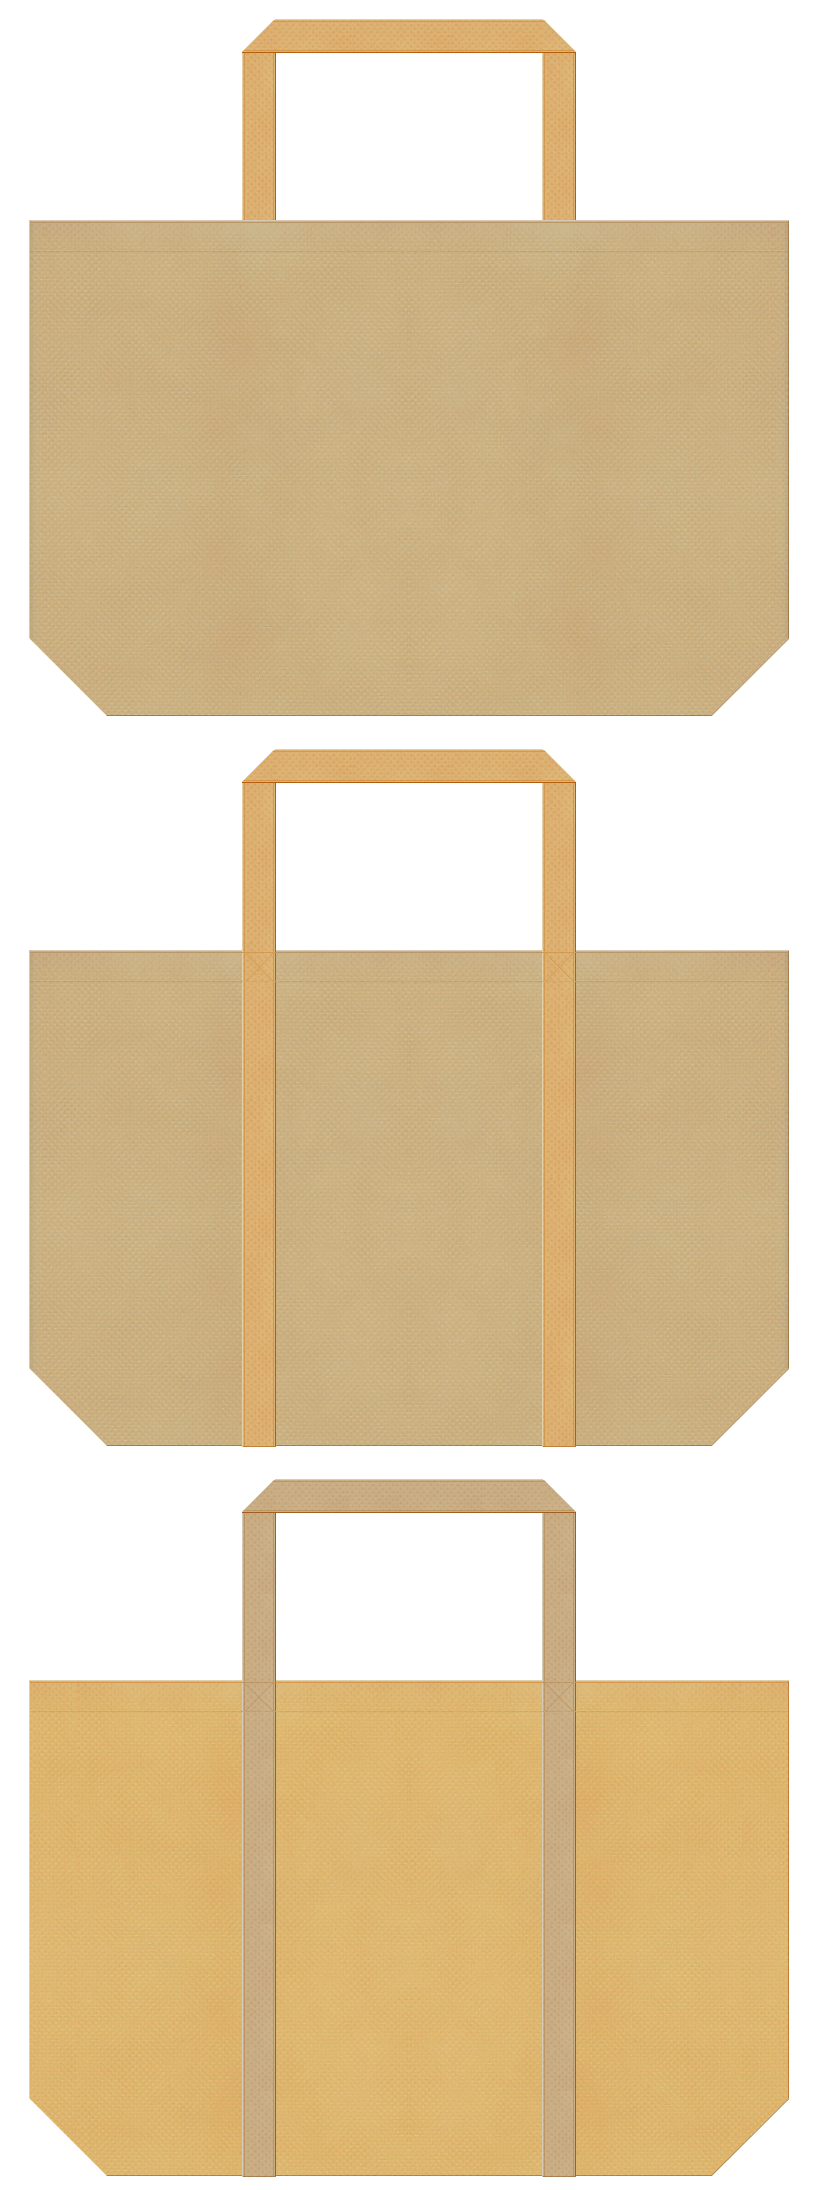 カーキ色と薄黄土色の不織布バッグデザイン。DIY・手芸・木工用品のショッピングバッグにお奨めです。